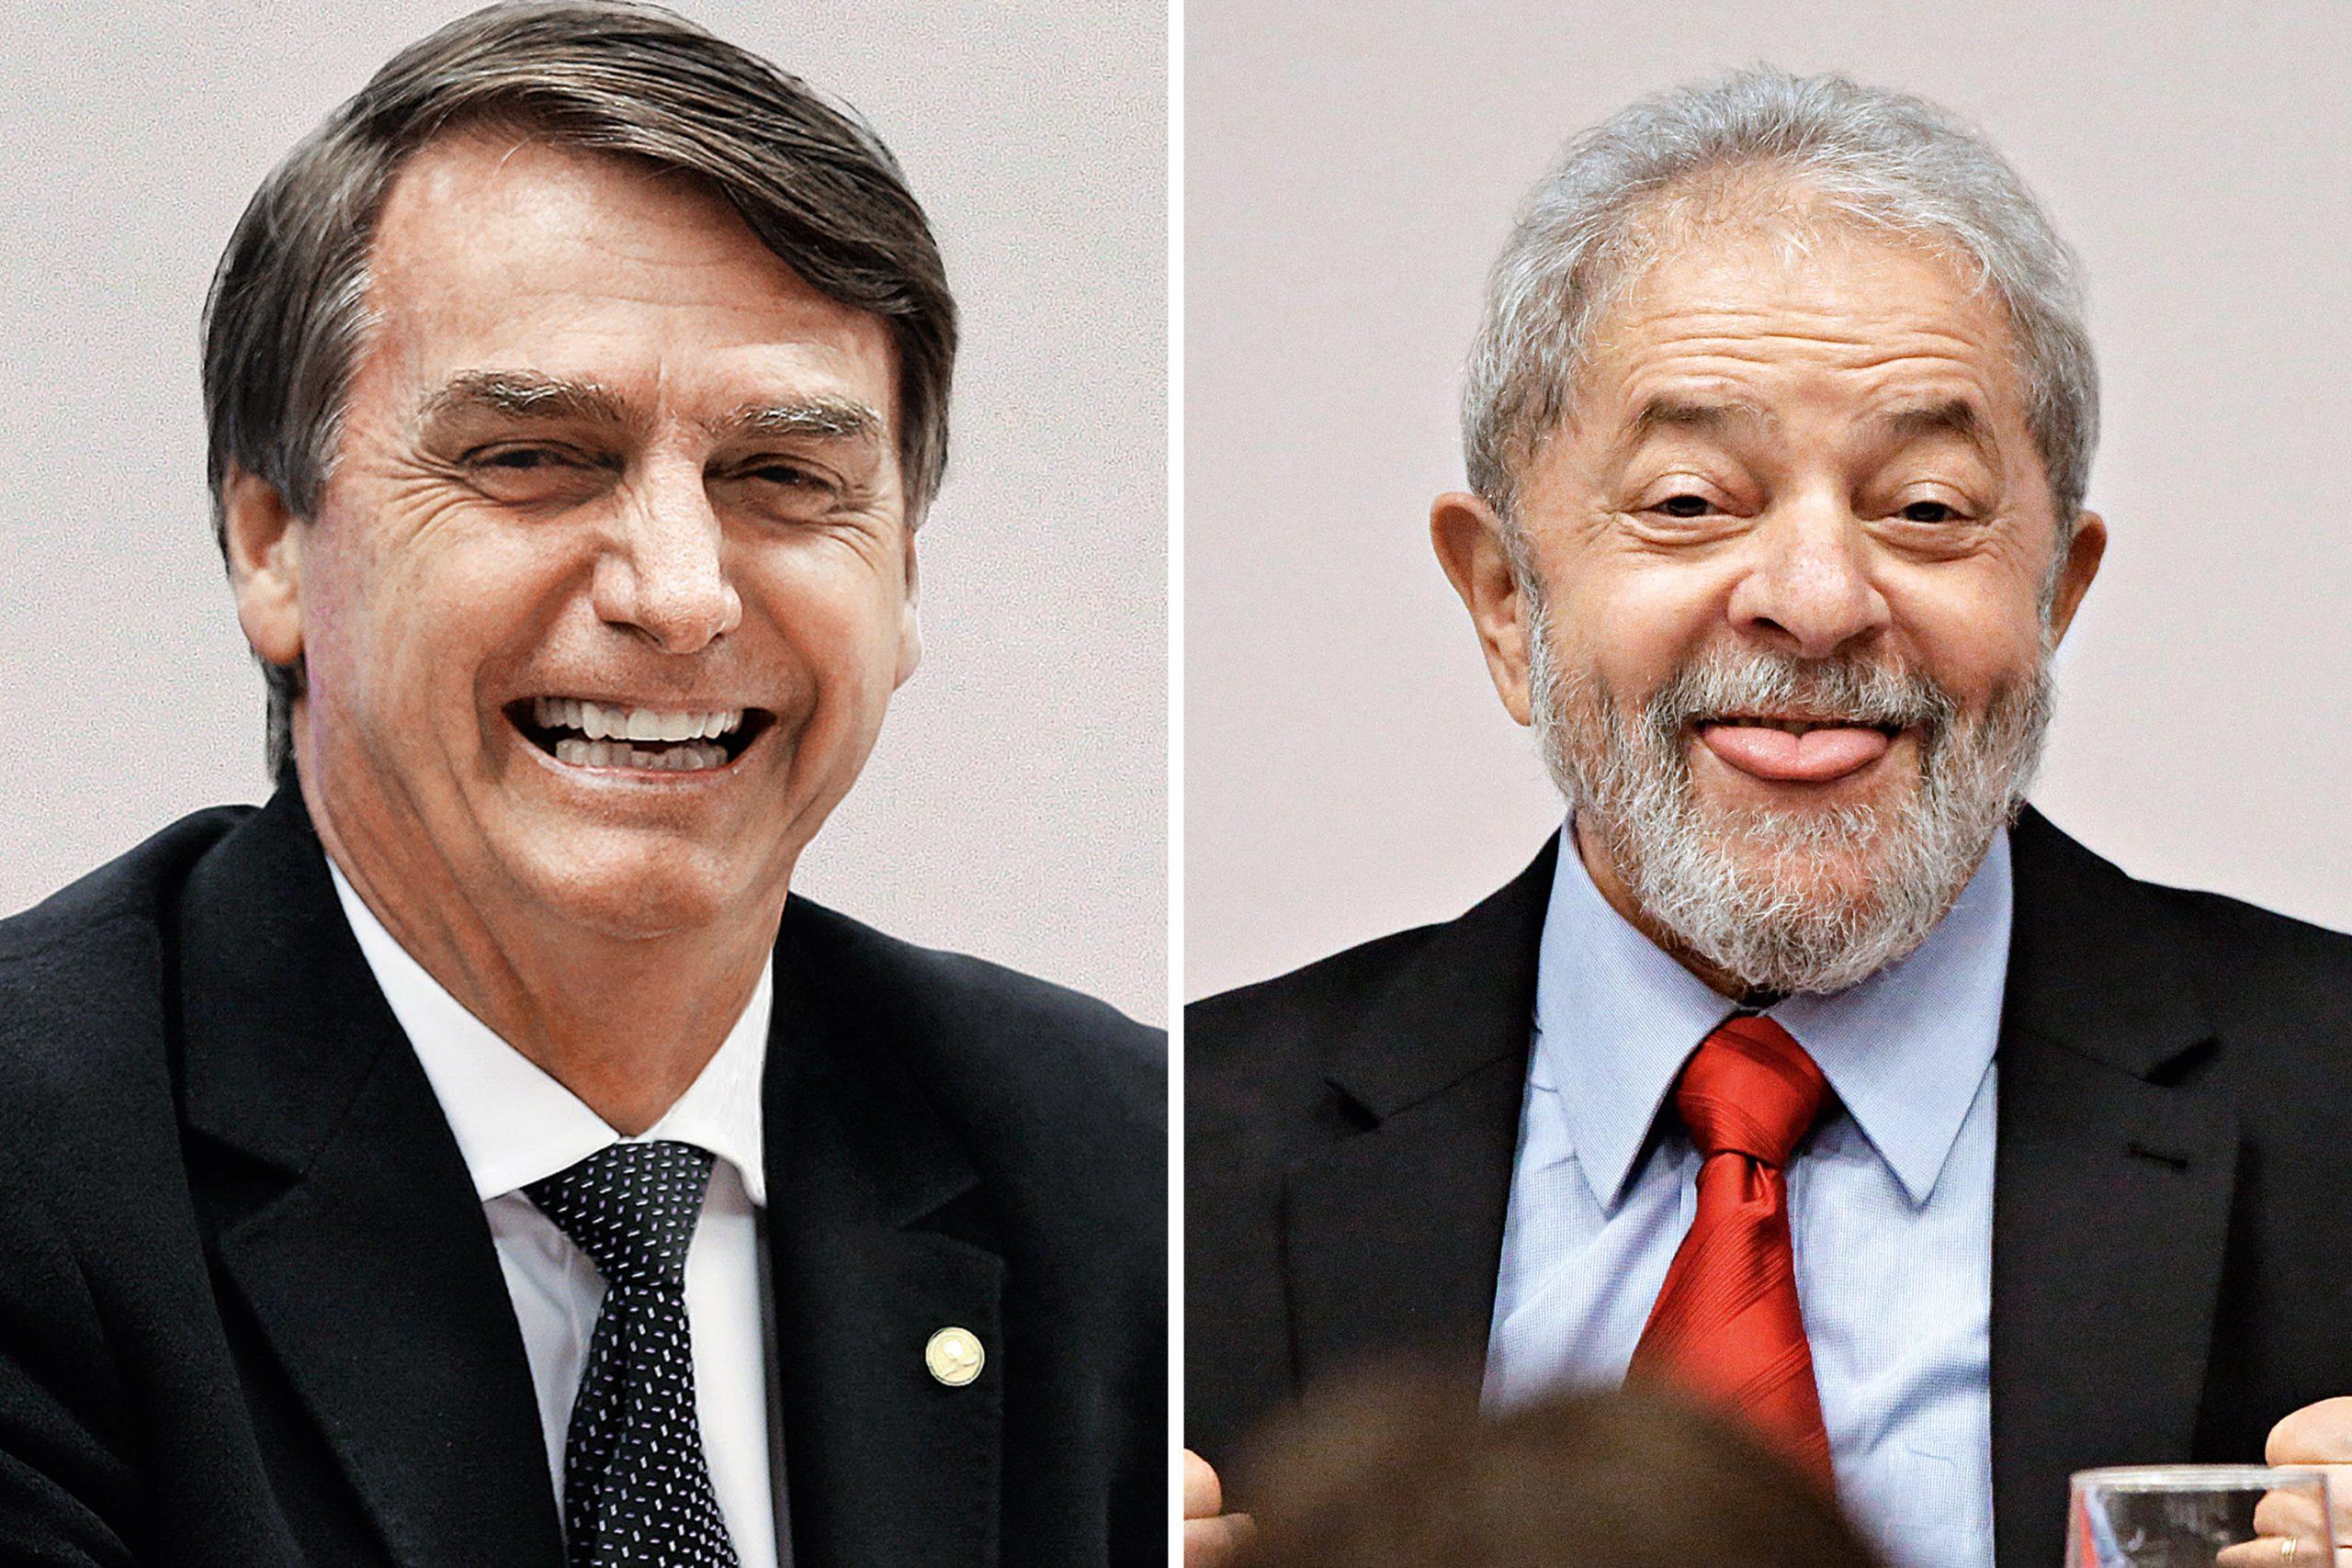 bolsonaro-e-lula-scaled Pesquisa Ipec: Lula lidera nos dois cenários, e corrida presidencial segue estável